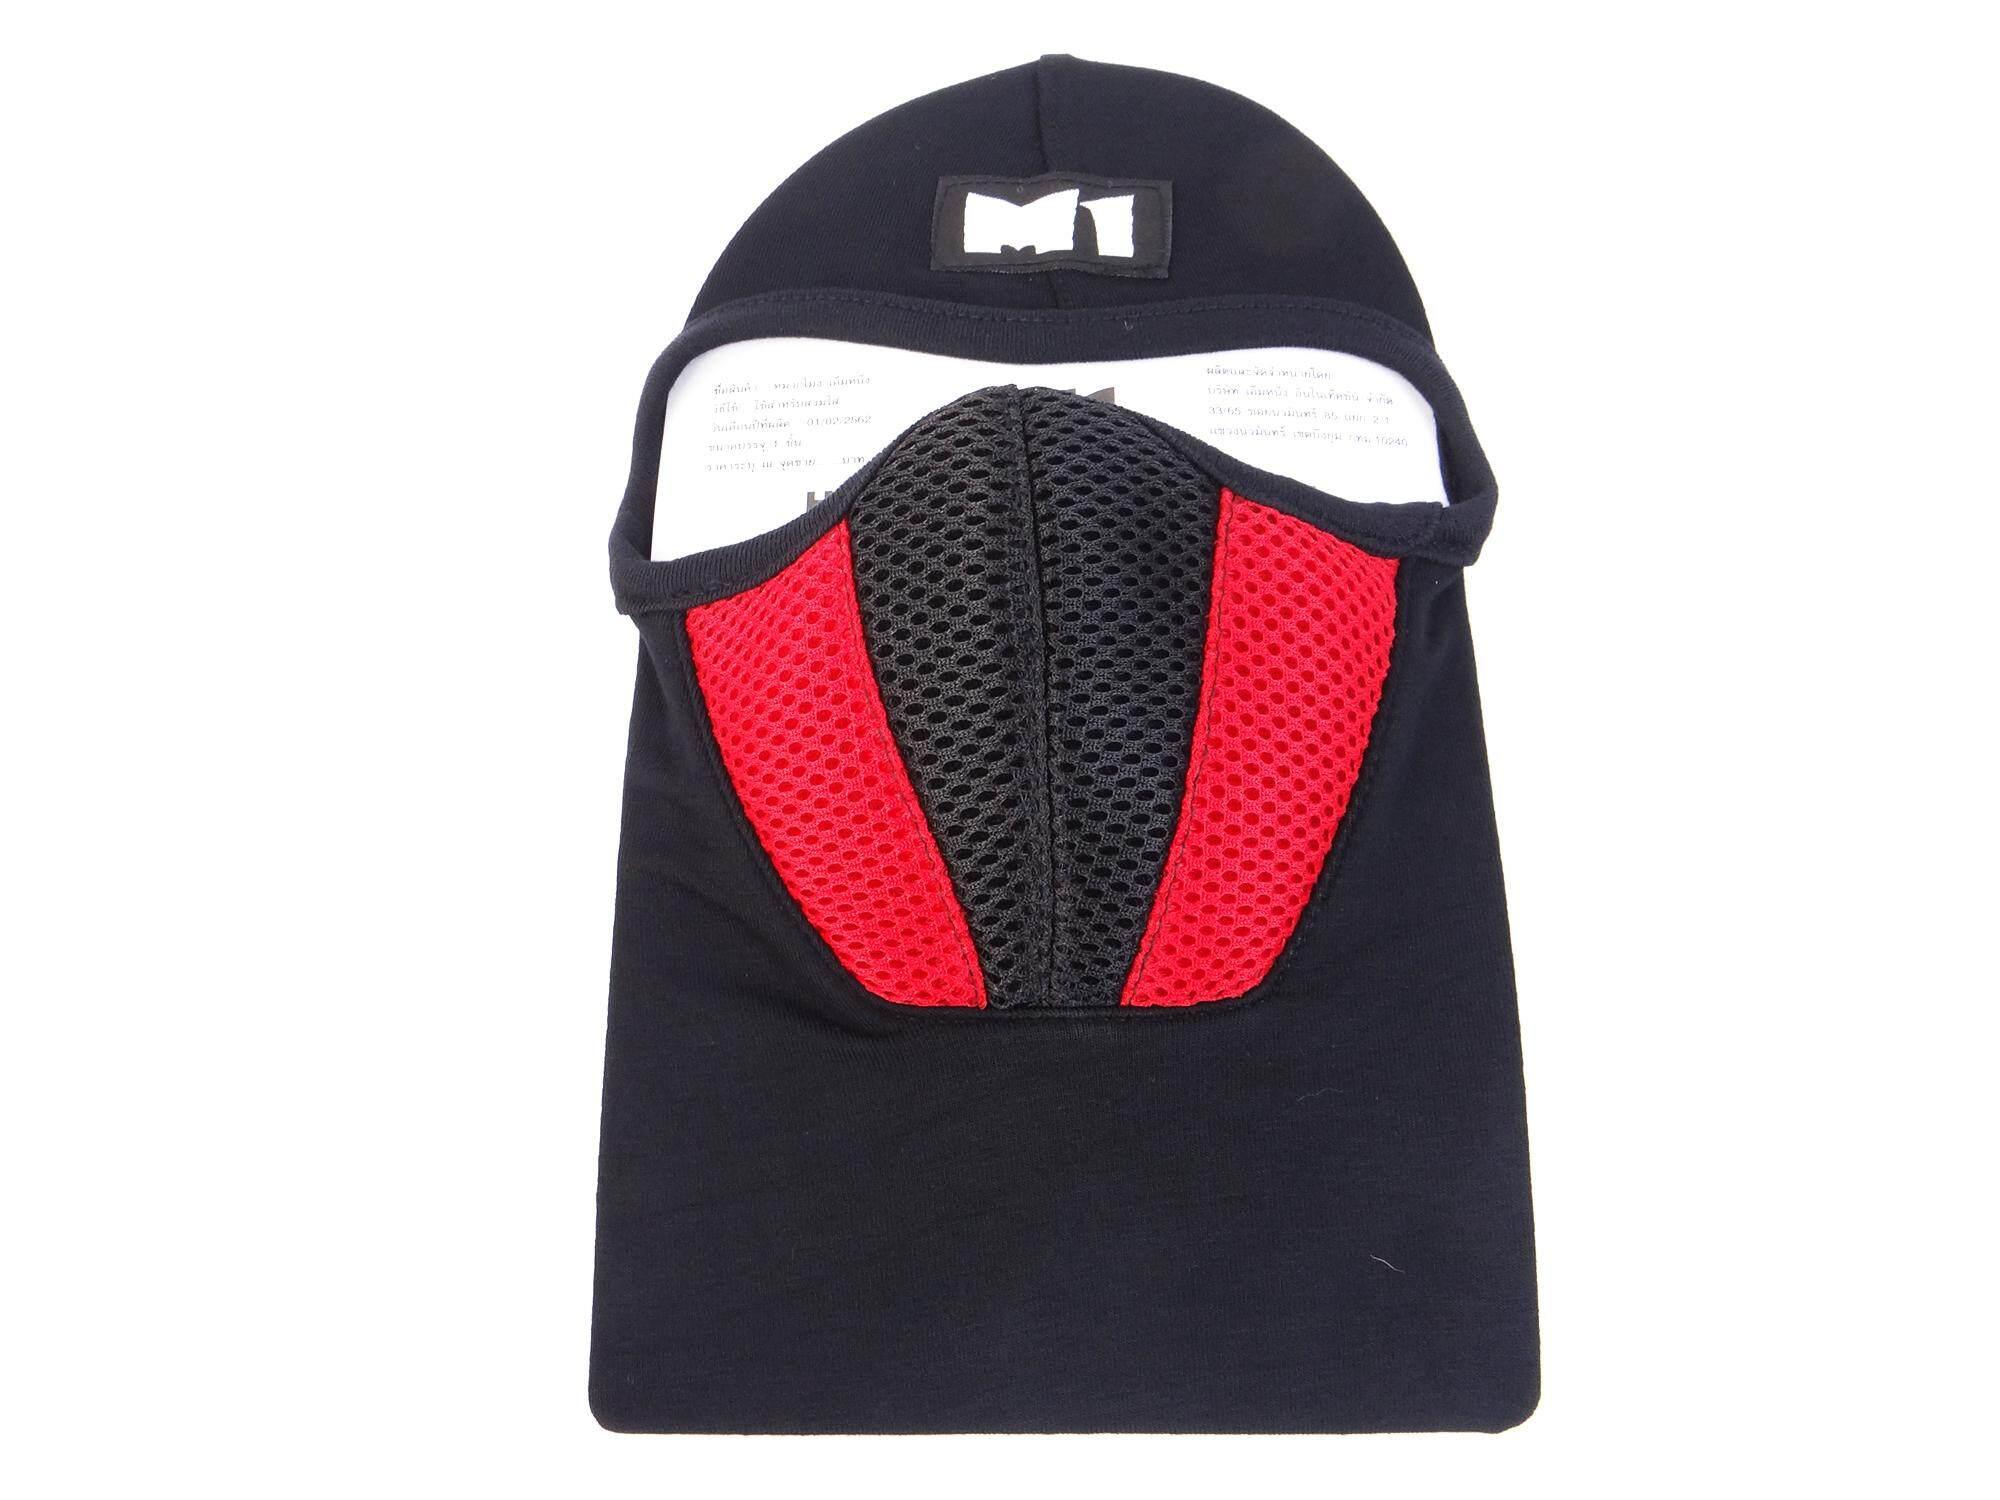 ผ้าคลุมศรีษะกรองฝุ่น โม่งคลุมหัว โม่งขับมอเตอร์ไซร์ ไอ้โม่ง หมวกโม่งยี่ห้อm1 กรองฝุ่น สีแดง.